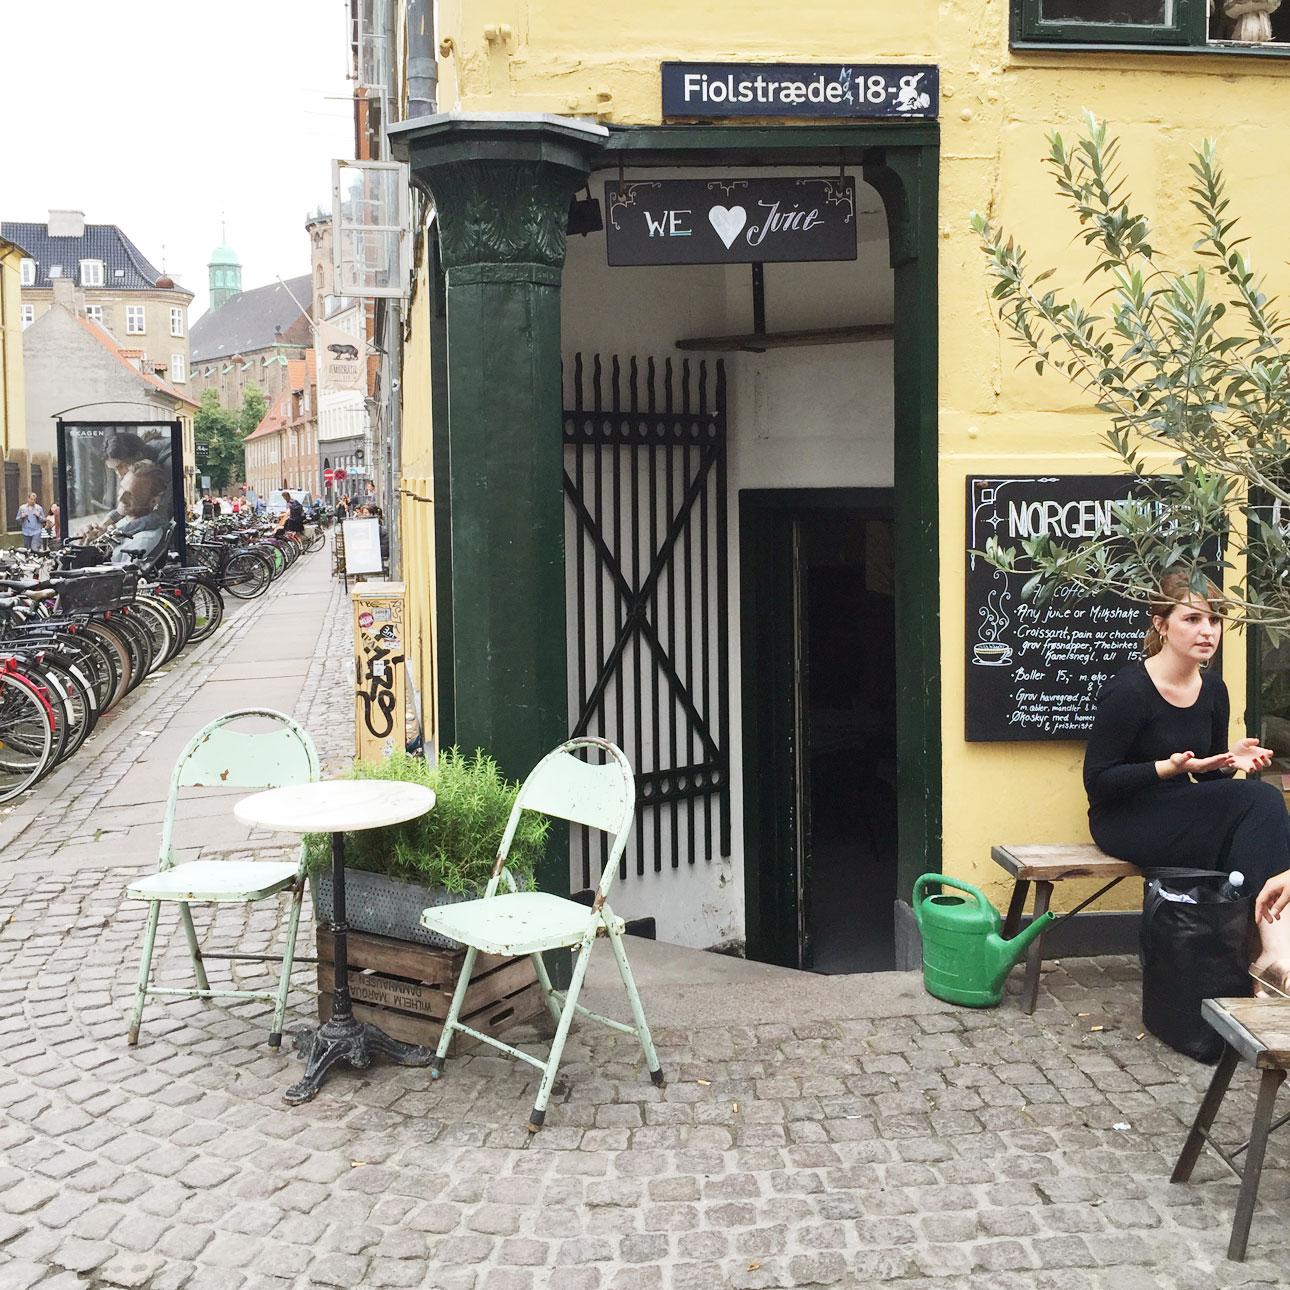 Kopenhagen hotspots big apple juice bar